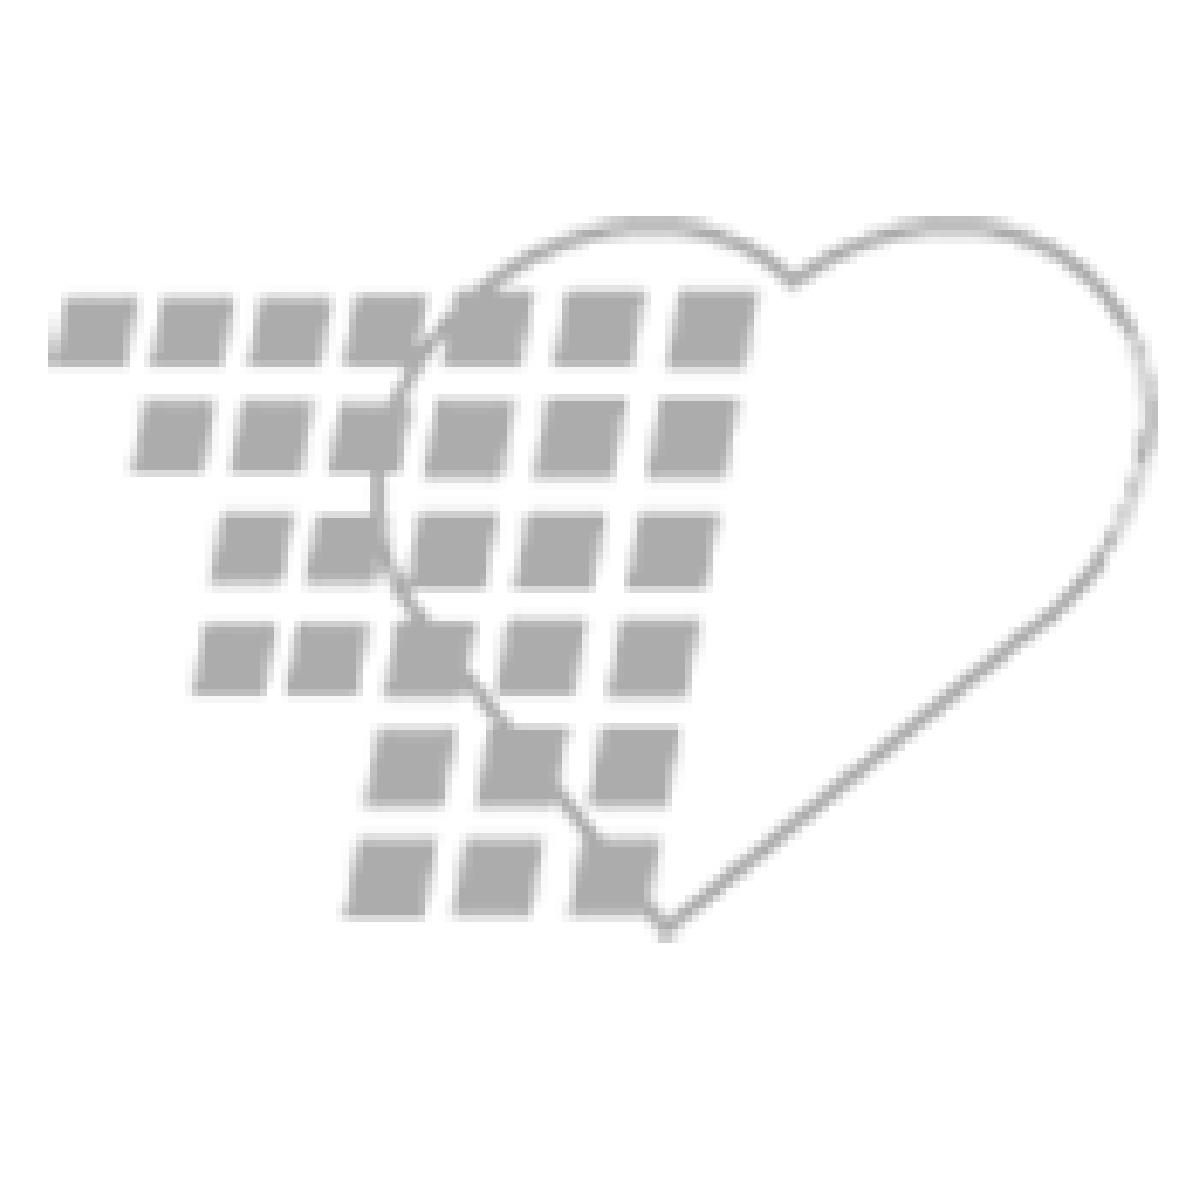 06-93-1438 - Demo Dose® Unasn 1.5g/20mL powder vial